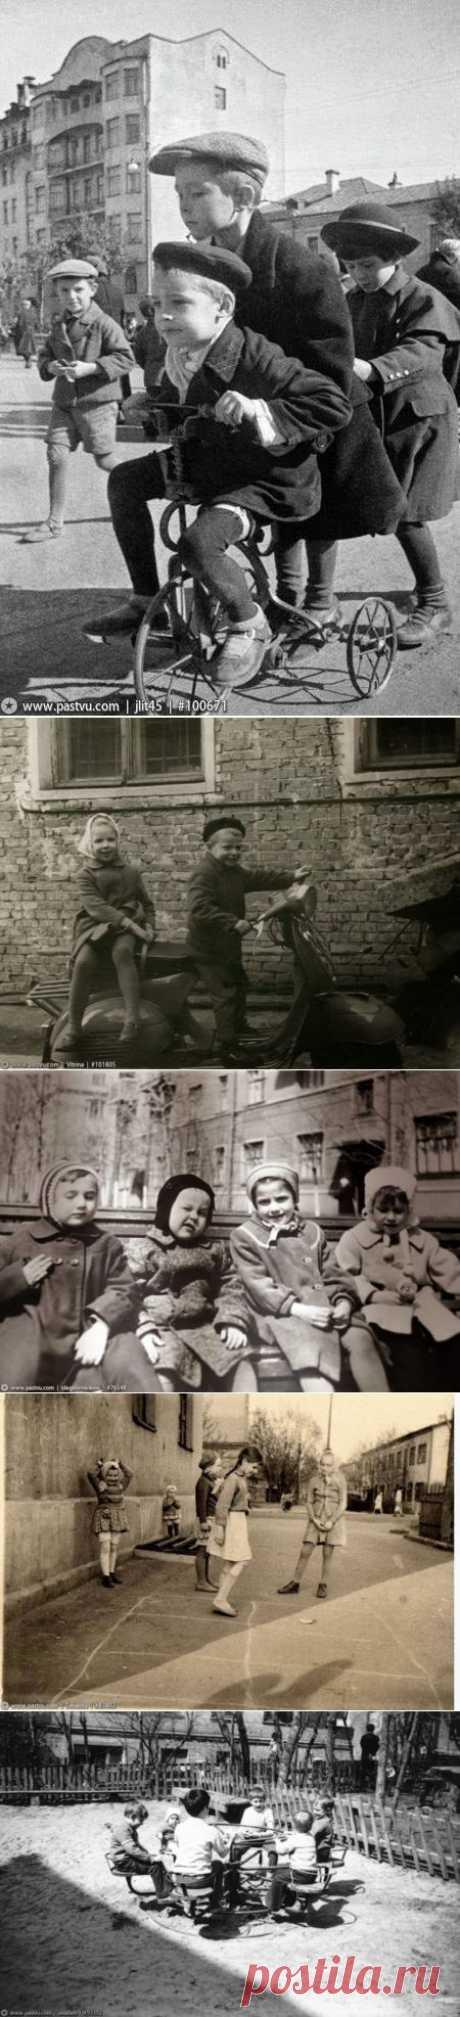 Дети нашего двора / Назад в СССР / Back in USSR